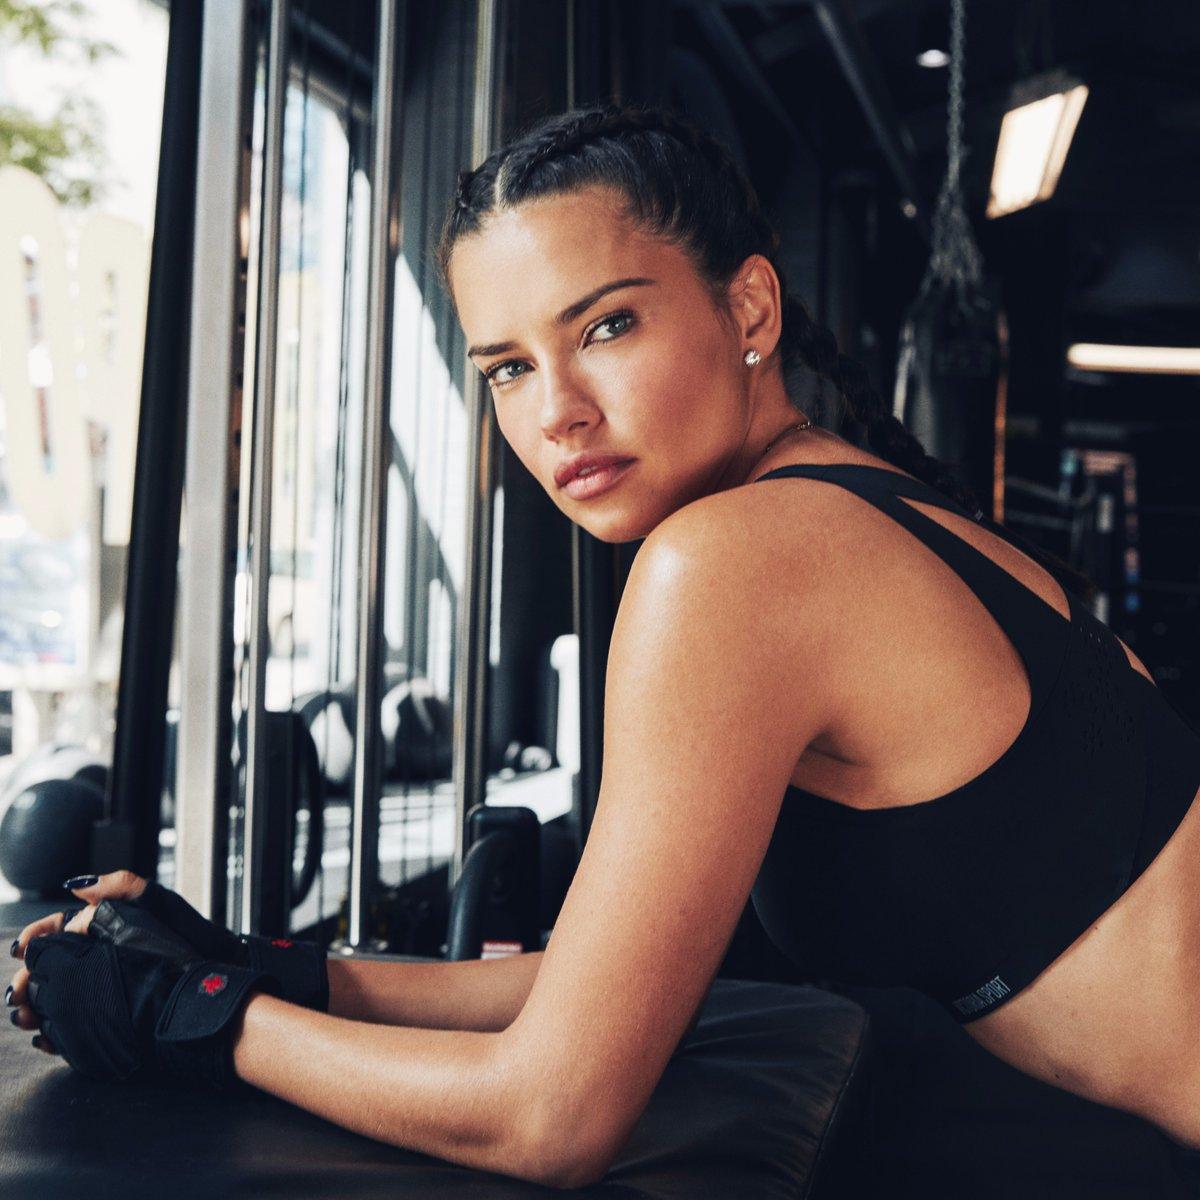 .@AdrianaLima's #TrainLikeAnAngel uniform: the Angel Max Sport Bra, $49.50. https://t.co/oyPQZL3F5N https://t.co/7JrpebFm6G